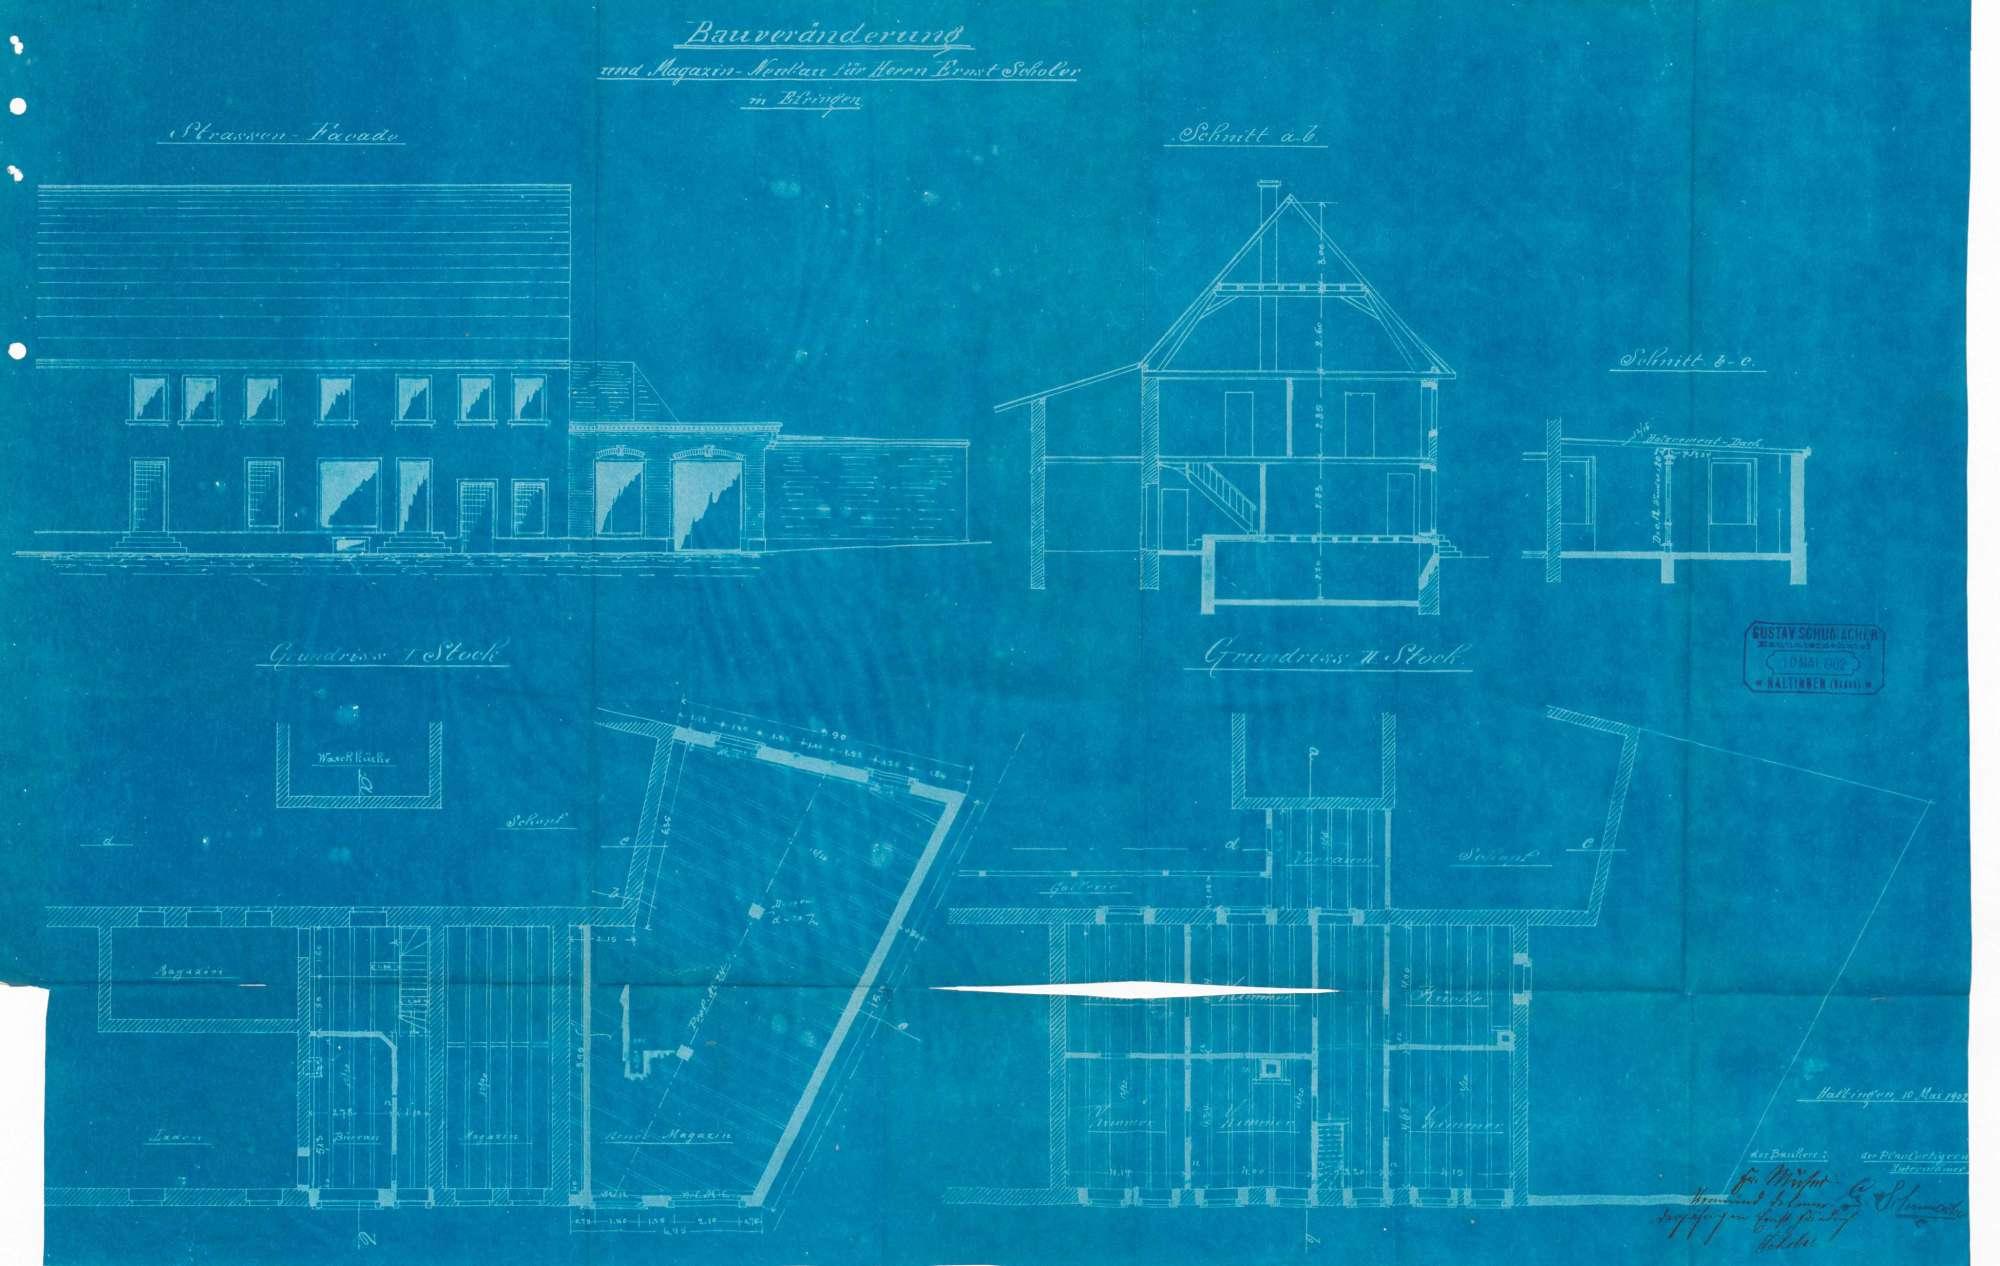 Antrag des Ernst Scholer auf Genehmigung zum Bau eines Magazins und zur Veränderung des alten Magazins zu einer Wohnung in Erfingen, Bild 1